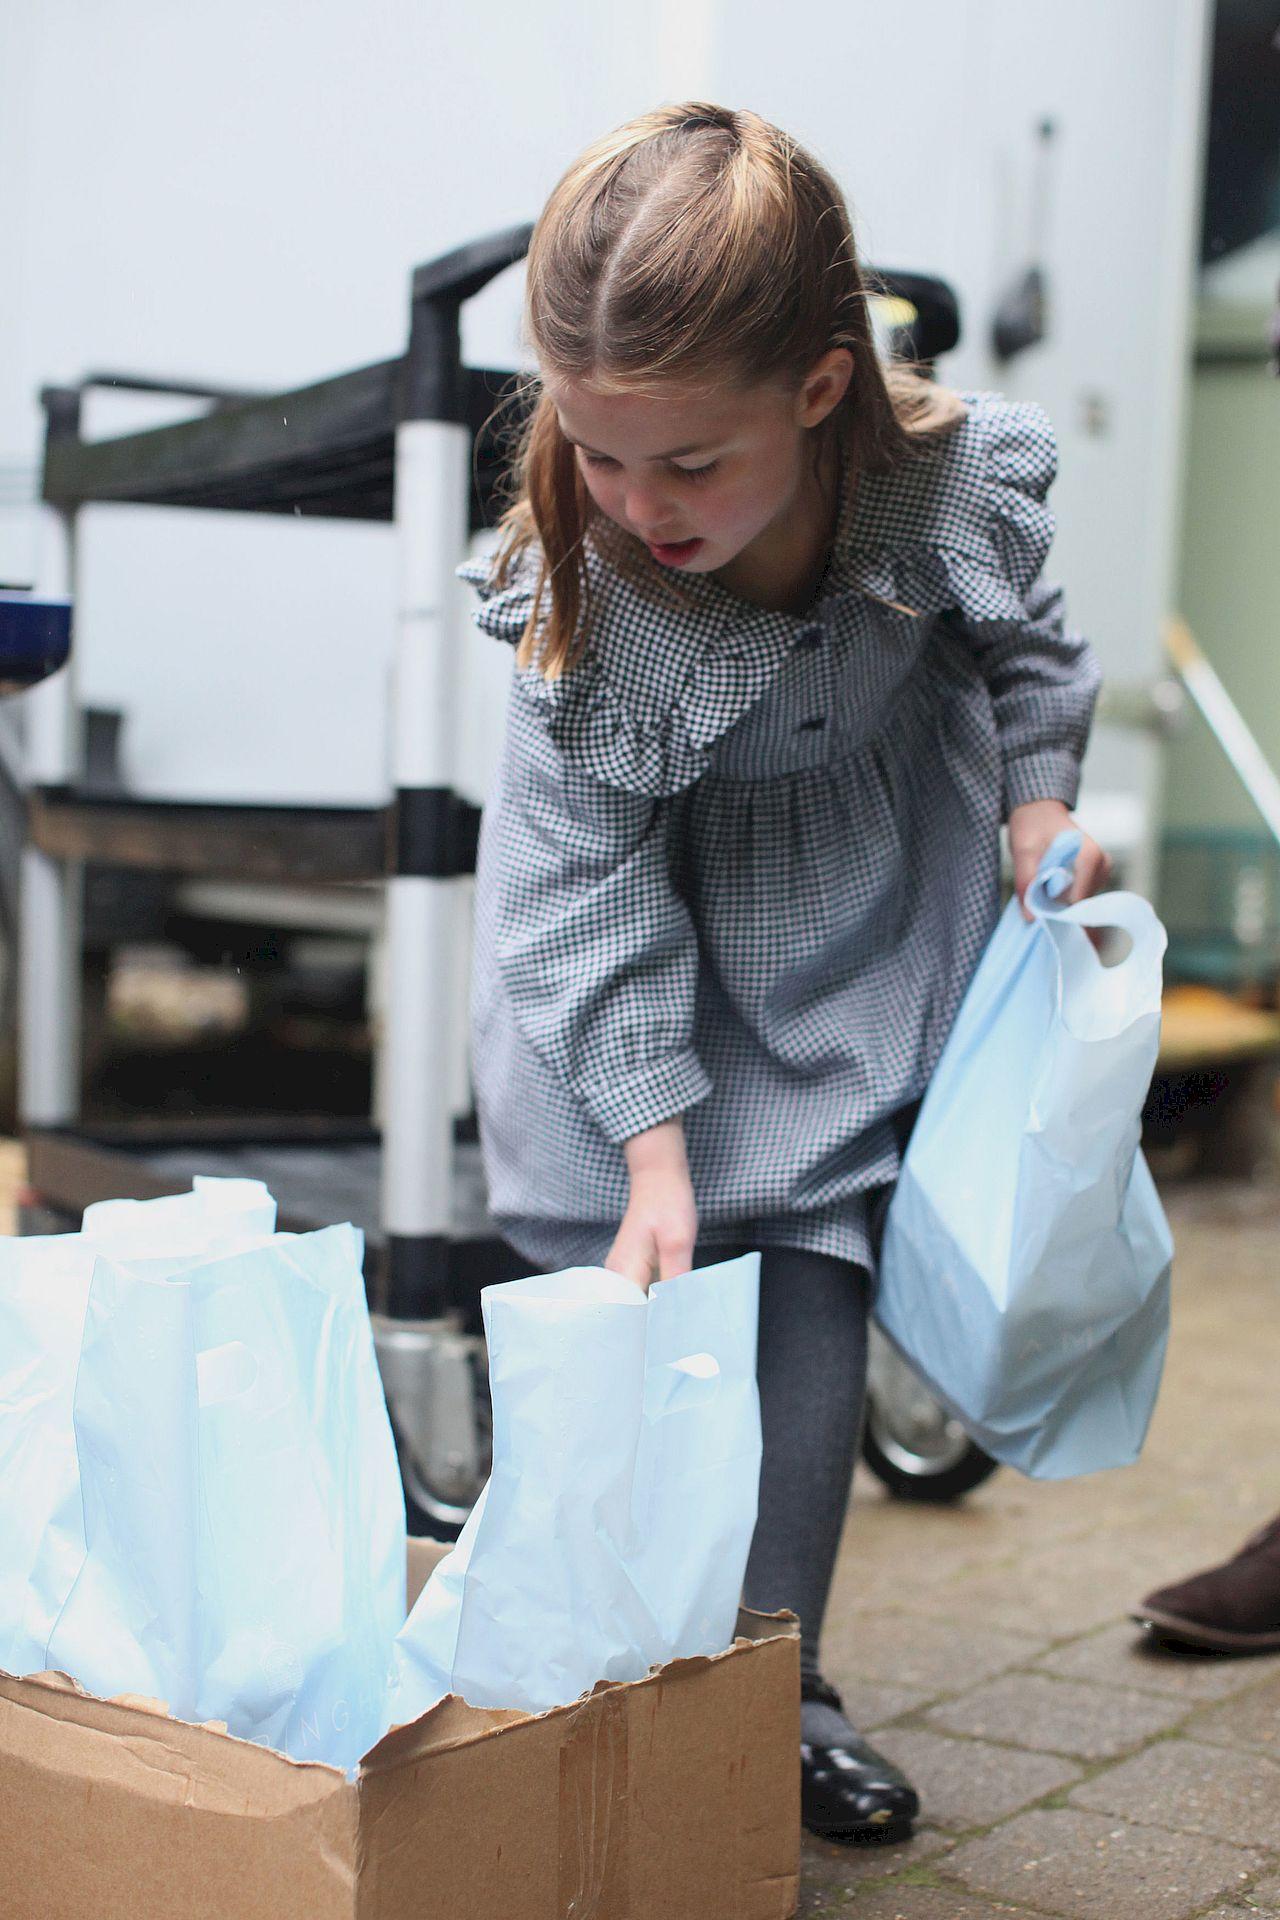 Księżniczka Charlotte pomaga roznosić posiłki dla potrzebujących